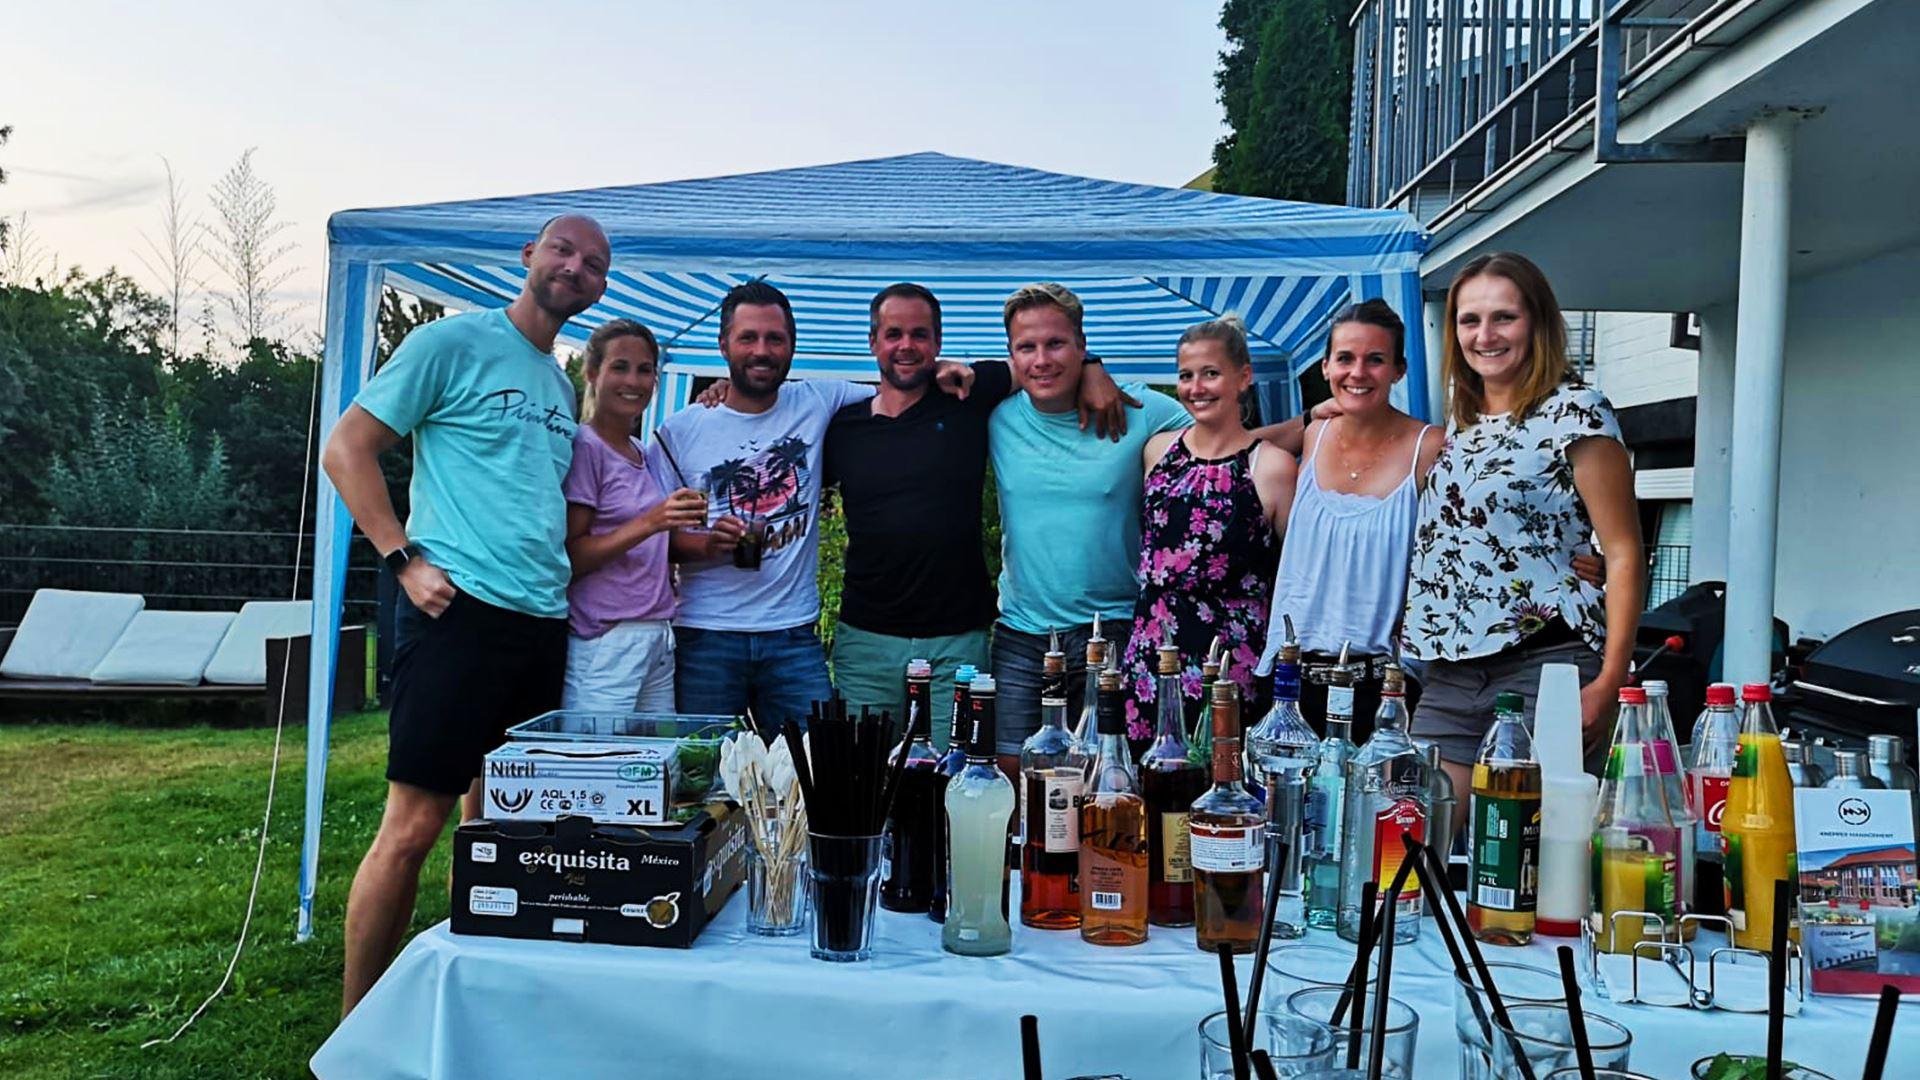 Knepper Management - Cocktailkurs in Essen - Junge Leute